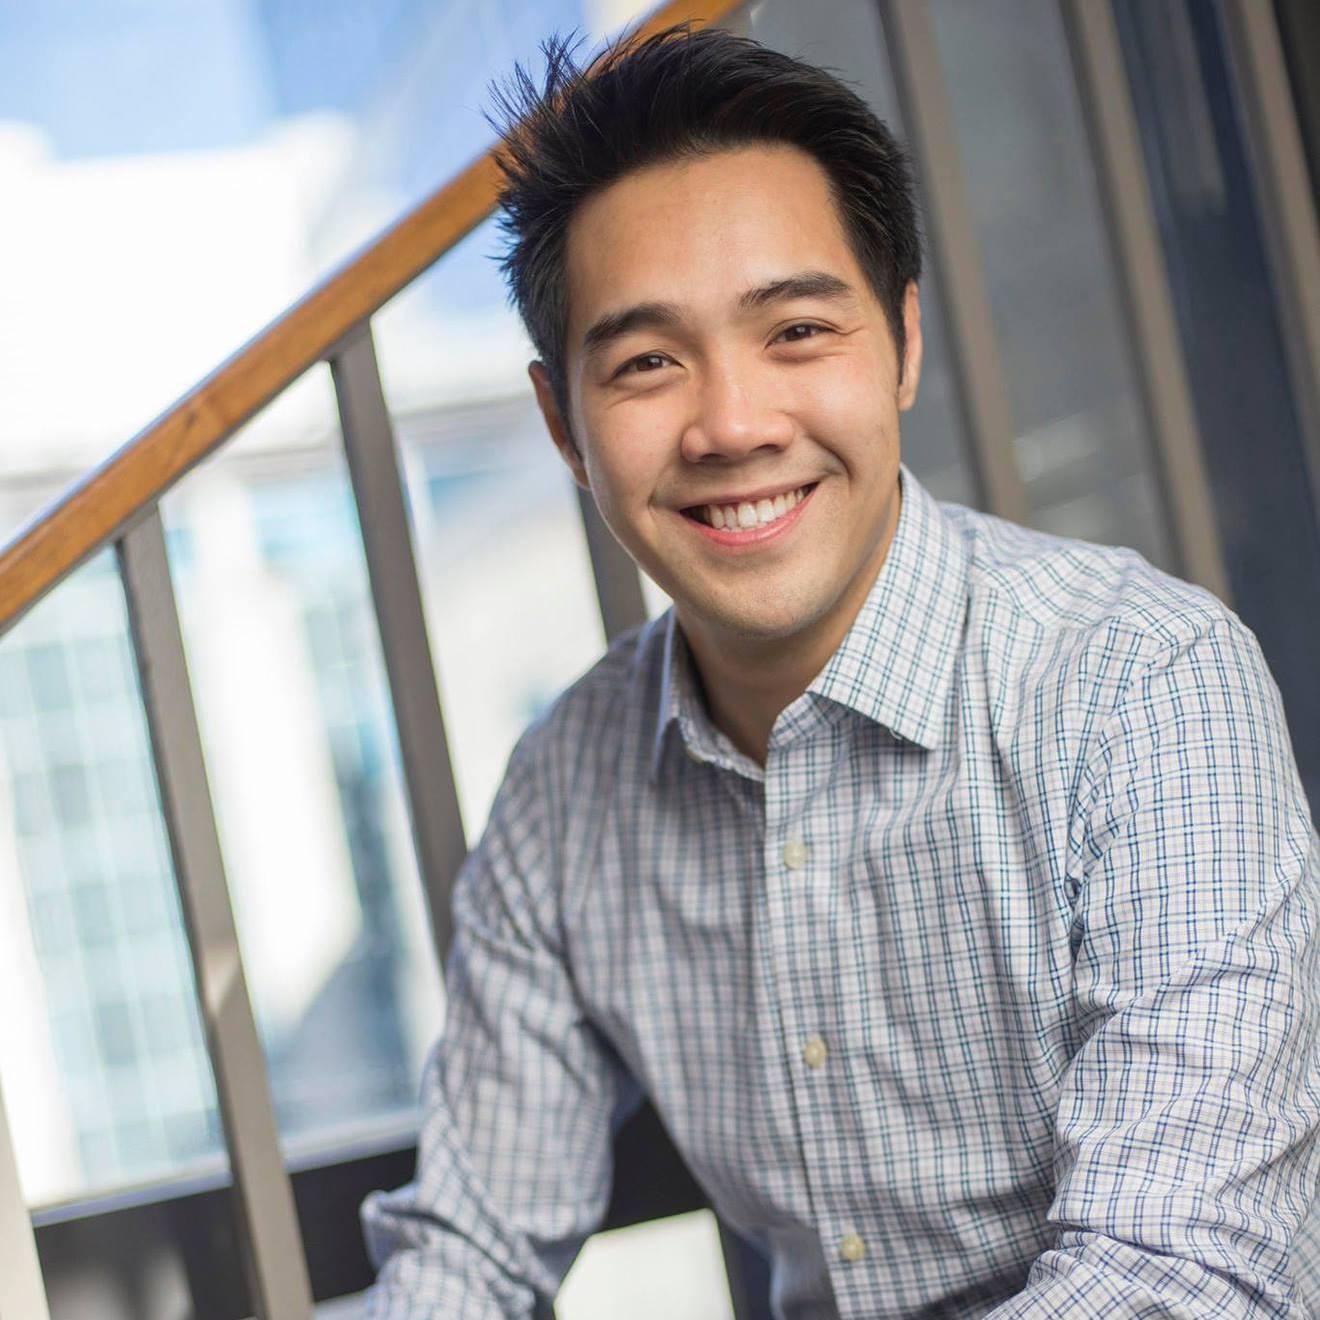 Alvin Tran